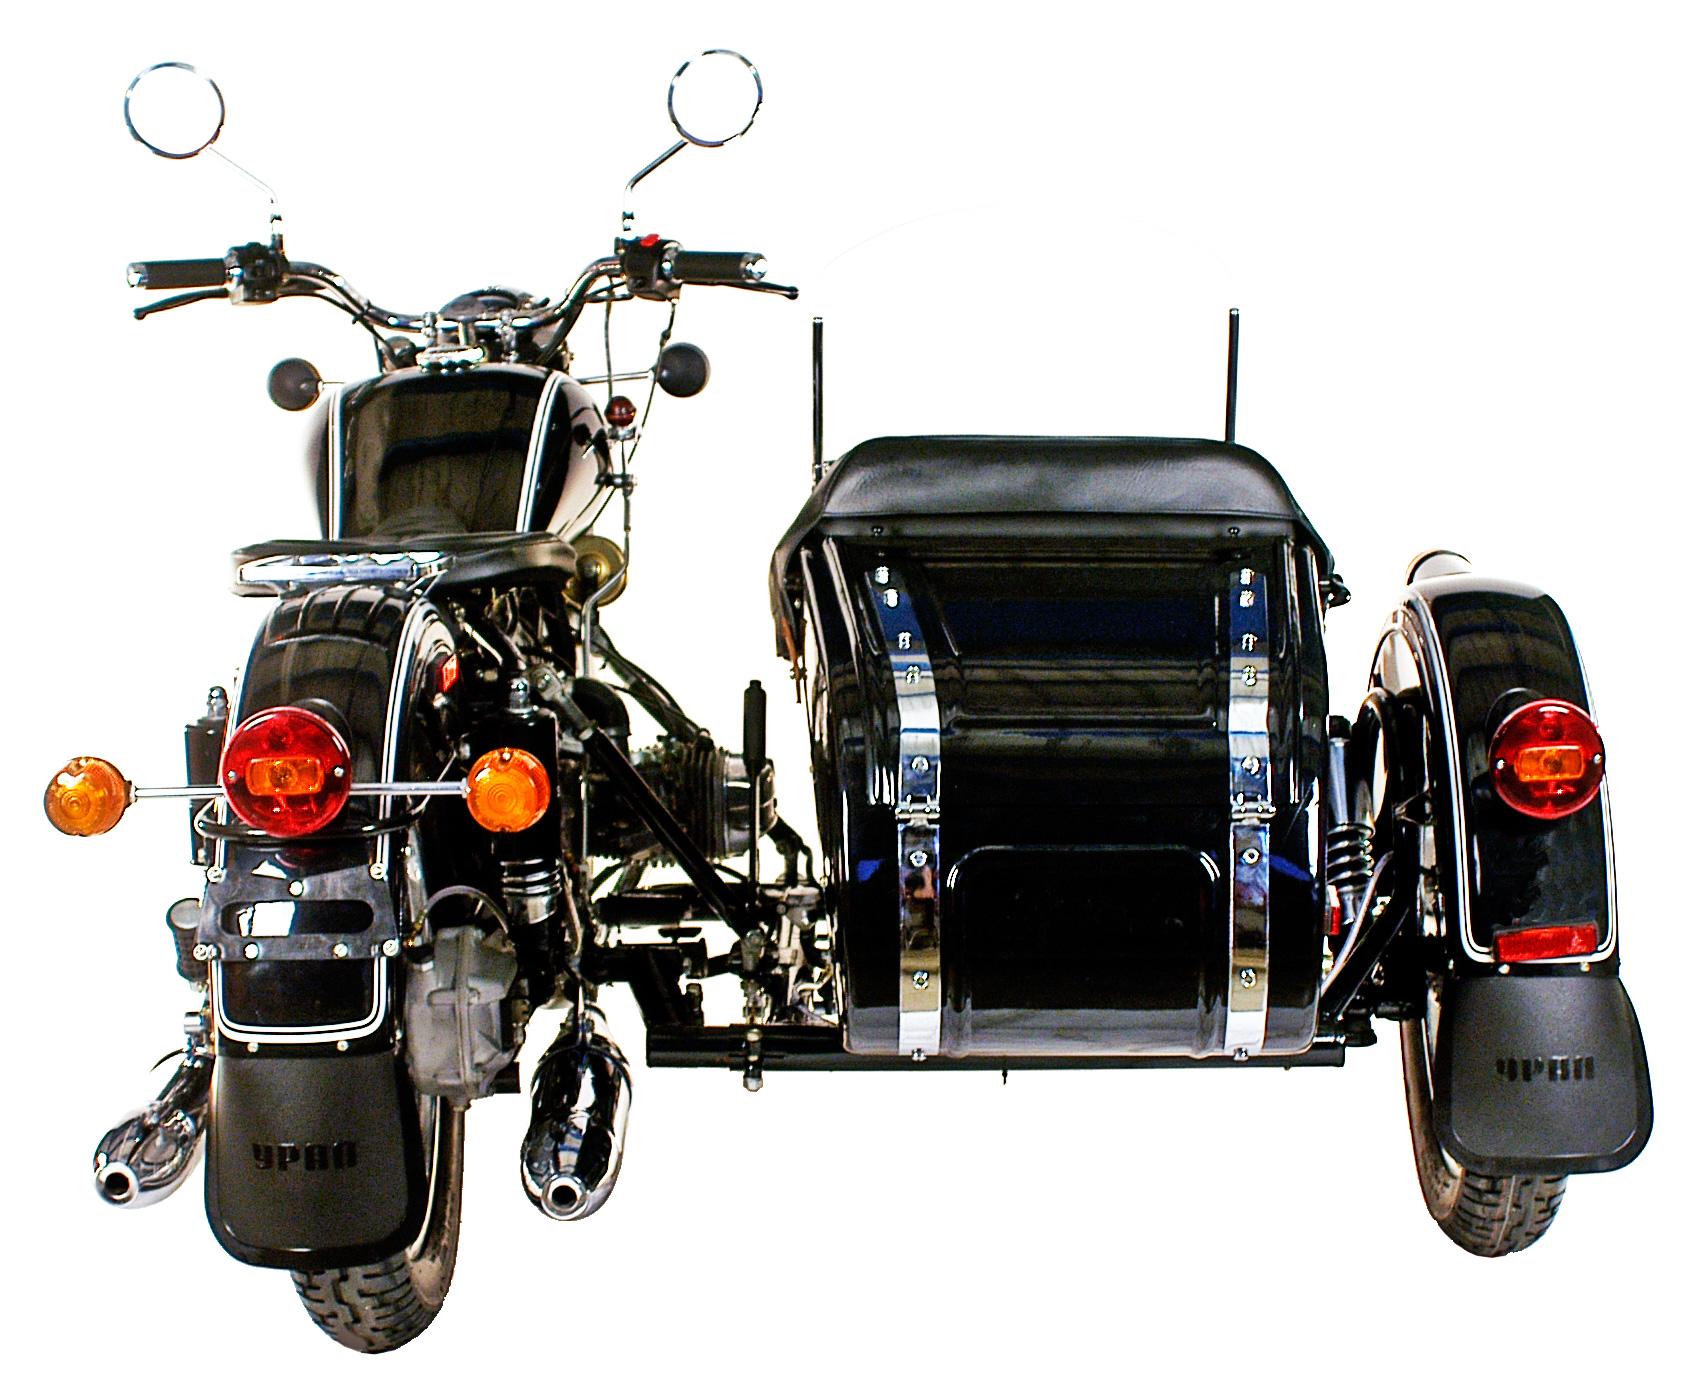 мотоцикл kawasaki ninja 250r технические характеристики